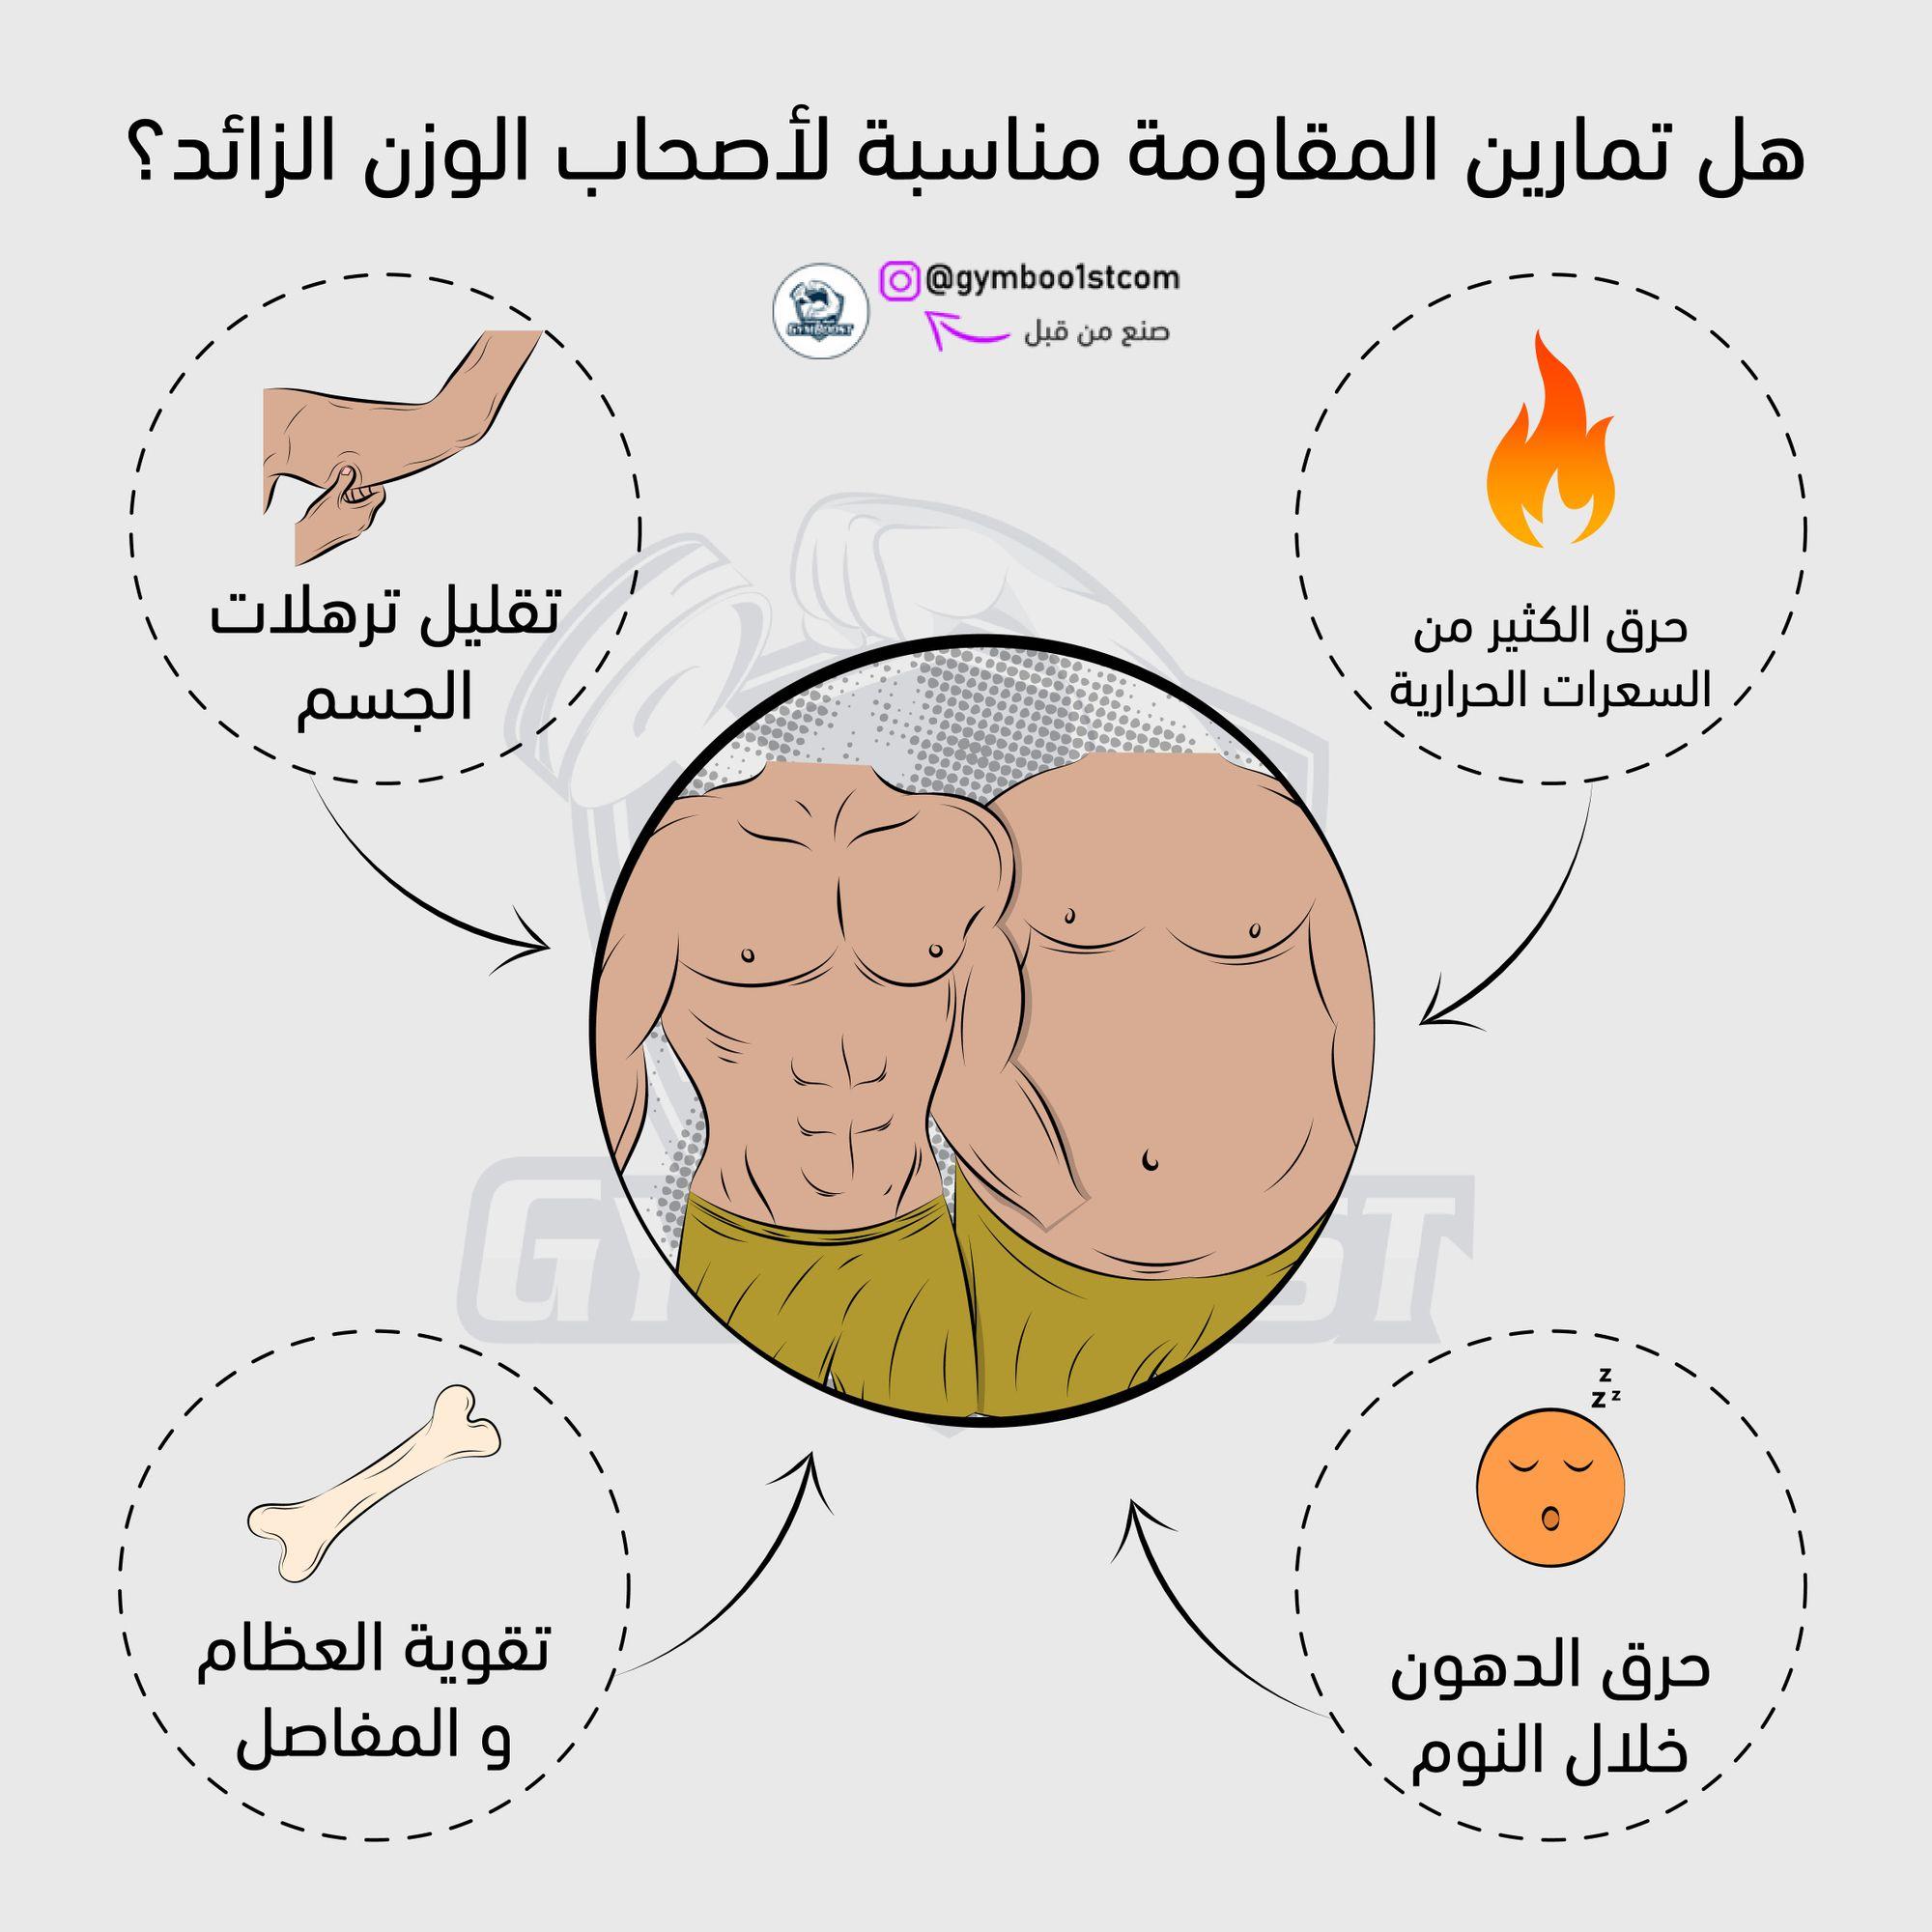 يعتقد الكثير من الناس أن كمال الأجسام هو لعبة لإبراز العضلات فقط لكن في الحقيقة تمارين المقاومة لديها فوائد عظيمة في ا Pie Chart Fitness Tips Improve Yourself